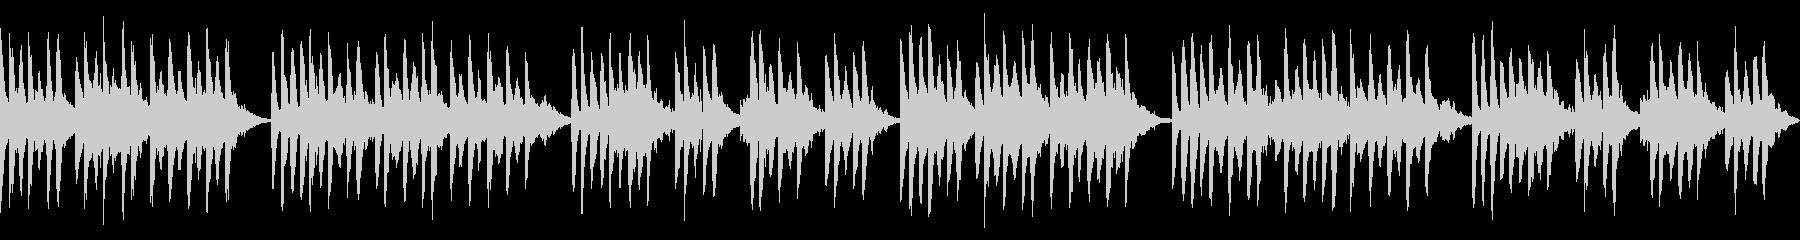 ダークでポップでゆったりと柔らかい曲の未再生の波形